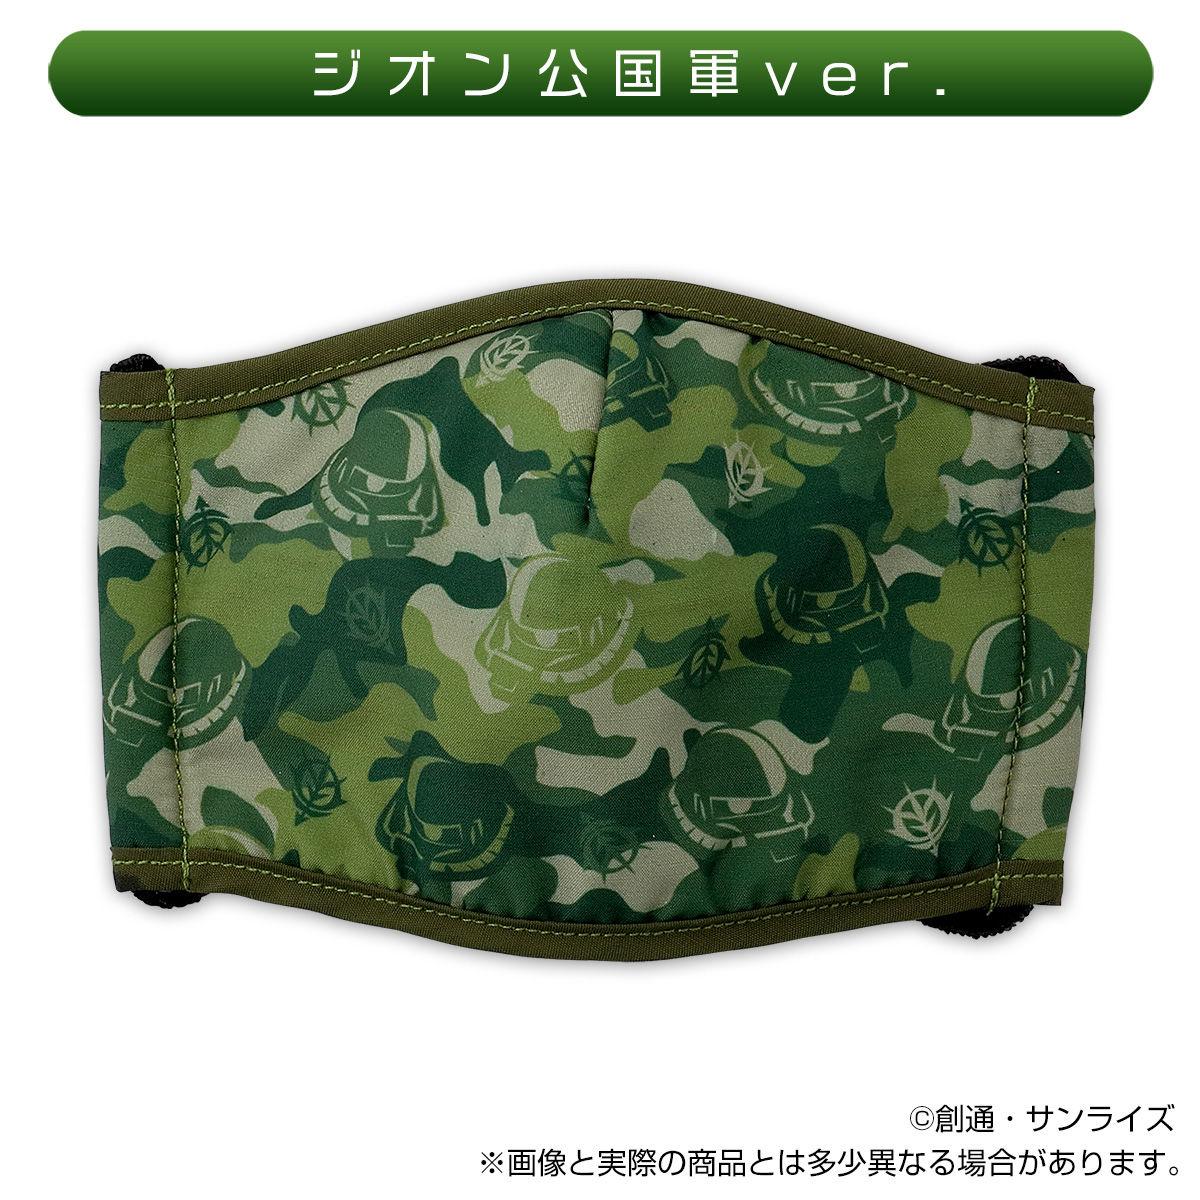 【限定販売】キャラマスク『CHARA-MASK 機動戦士ガンダム』グッズ-010